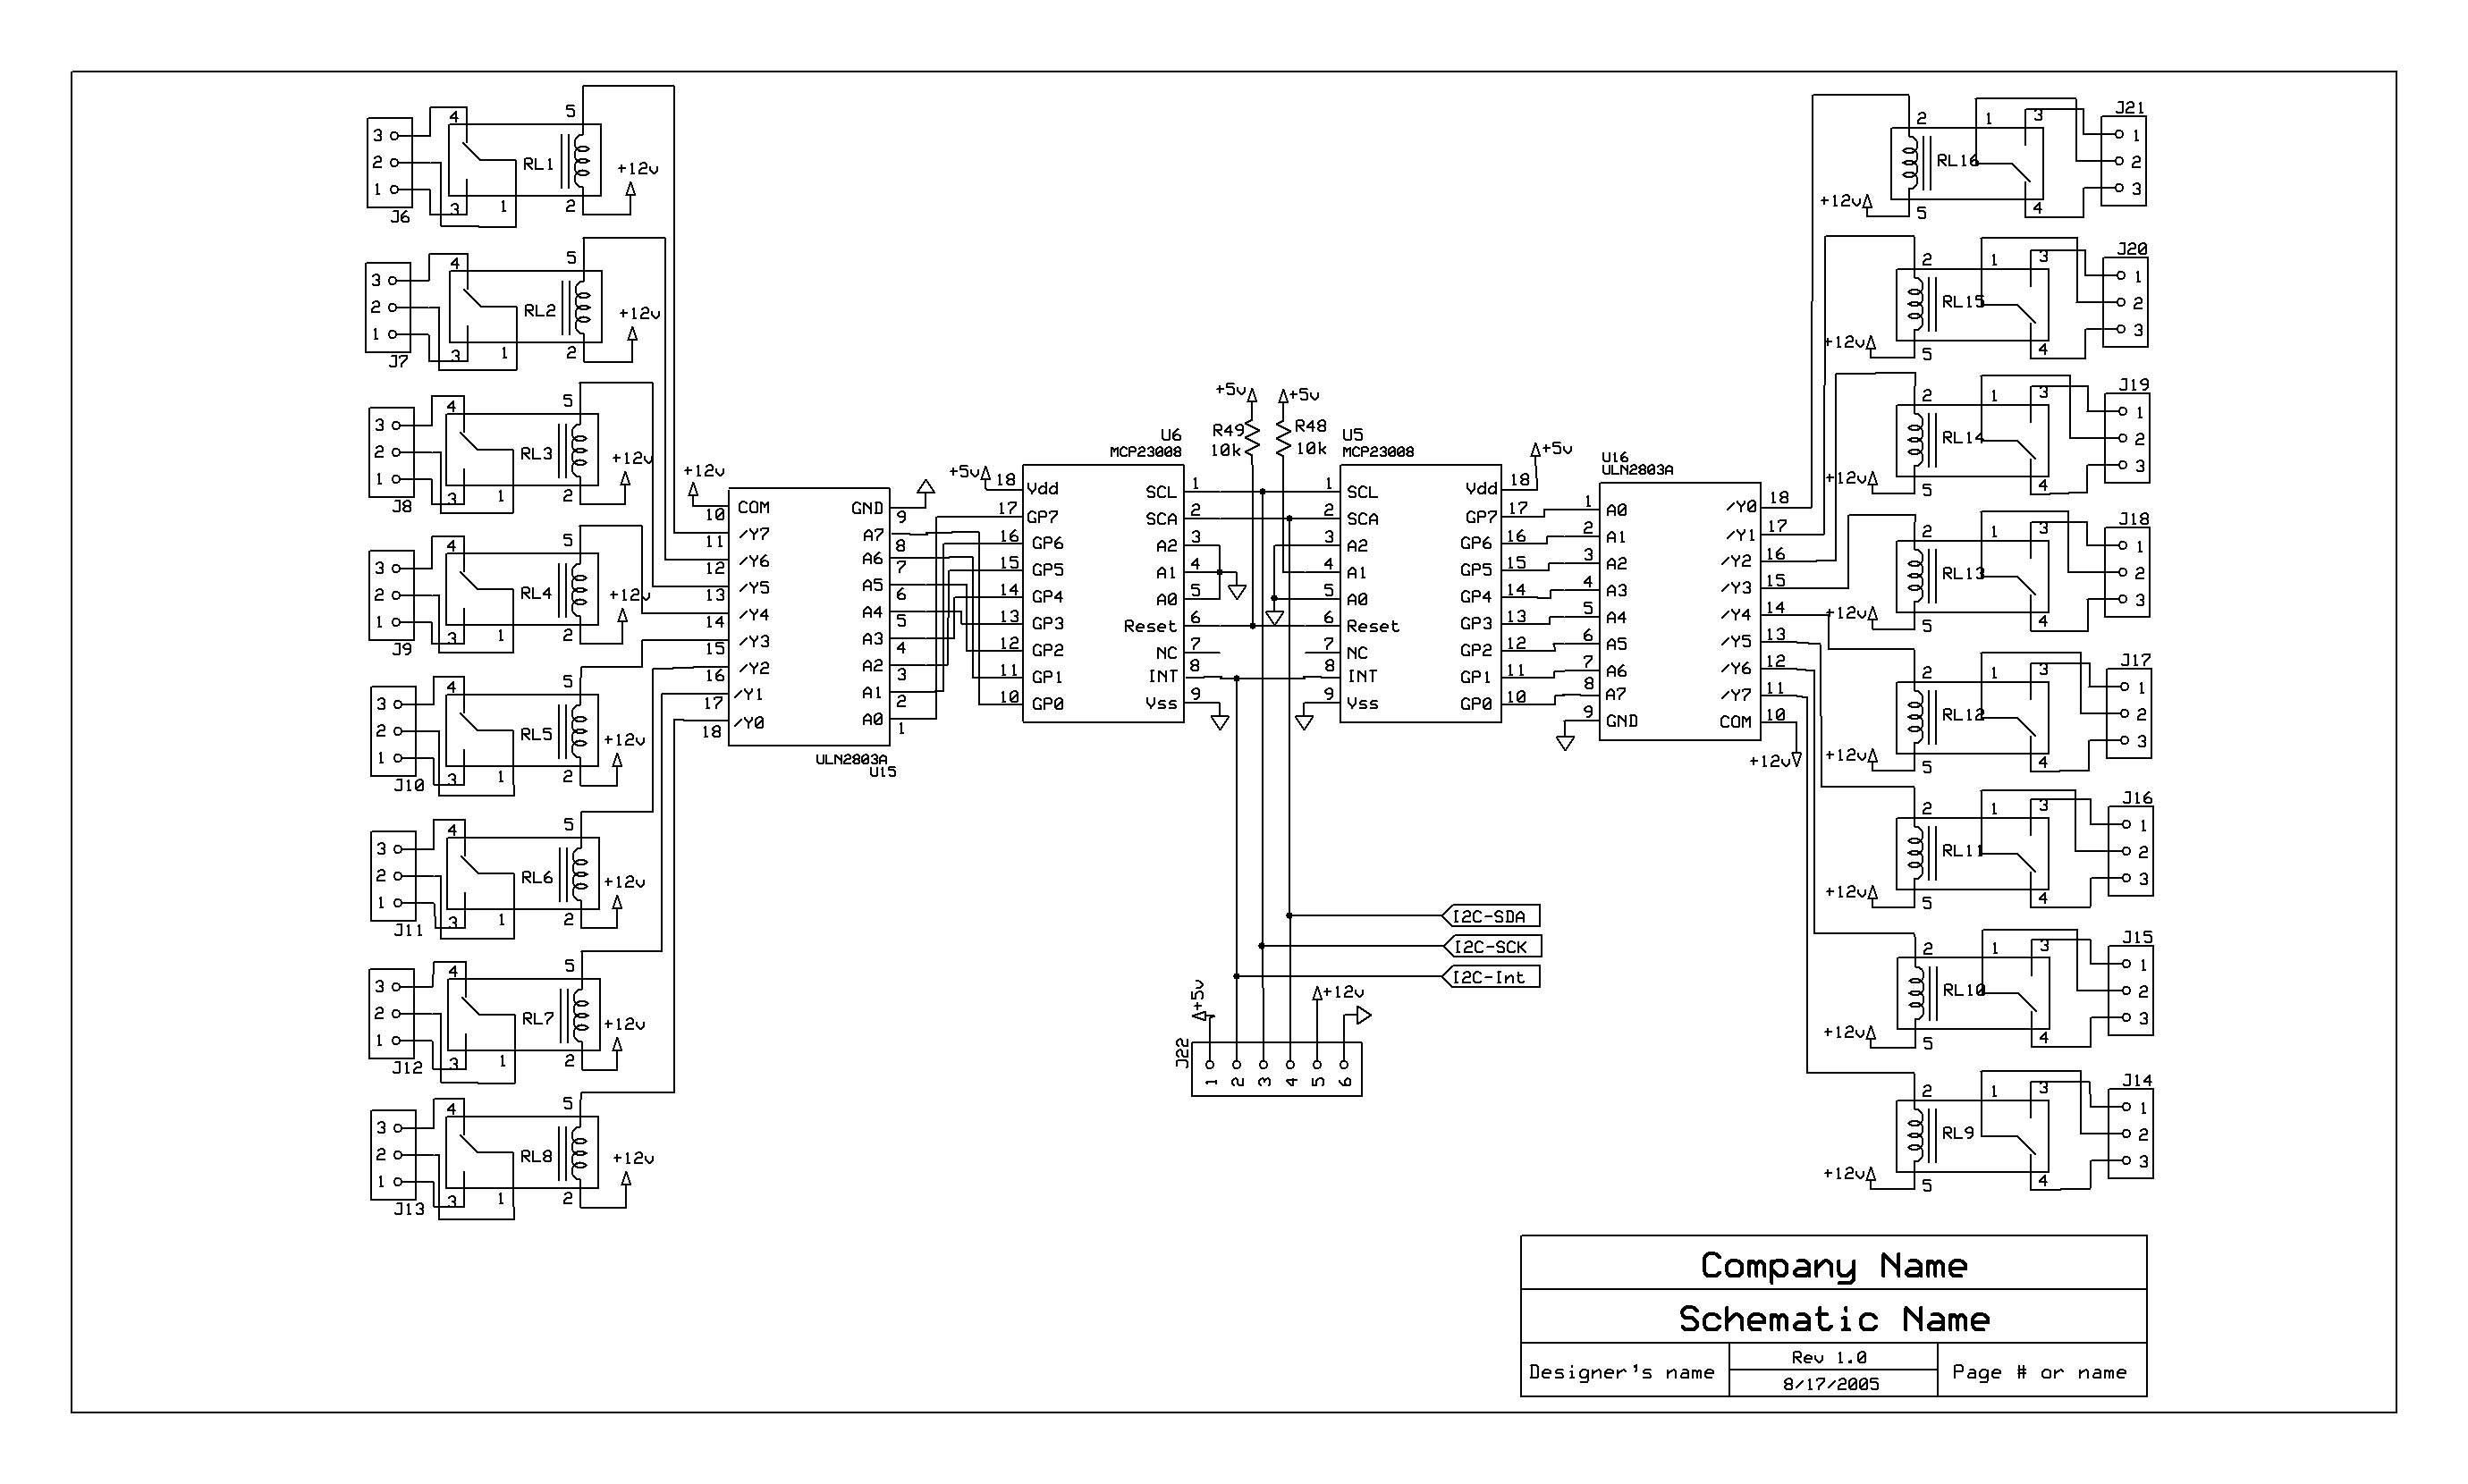 Remote Schematic